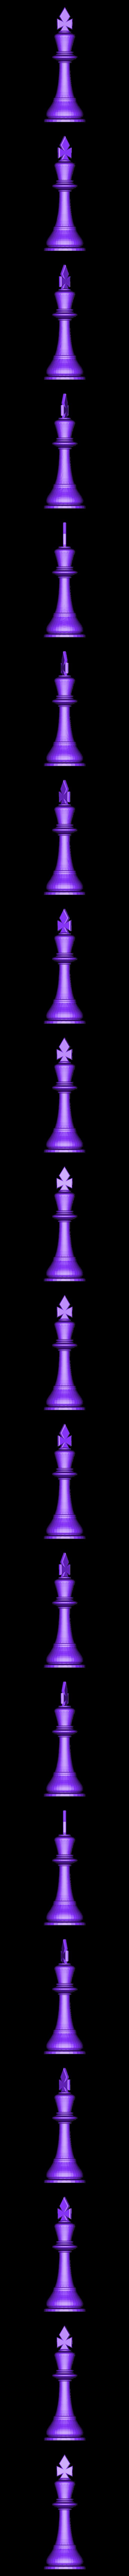 King.obj Télécharger fichier OBJ gratuit King • Plan pour imprimante 3D, g4bbigo